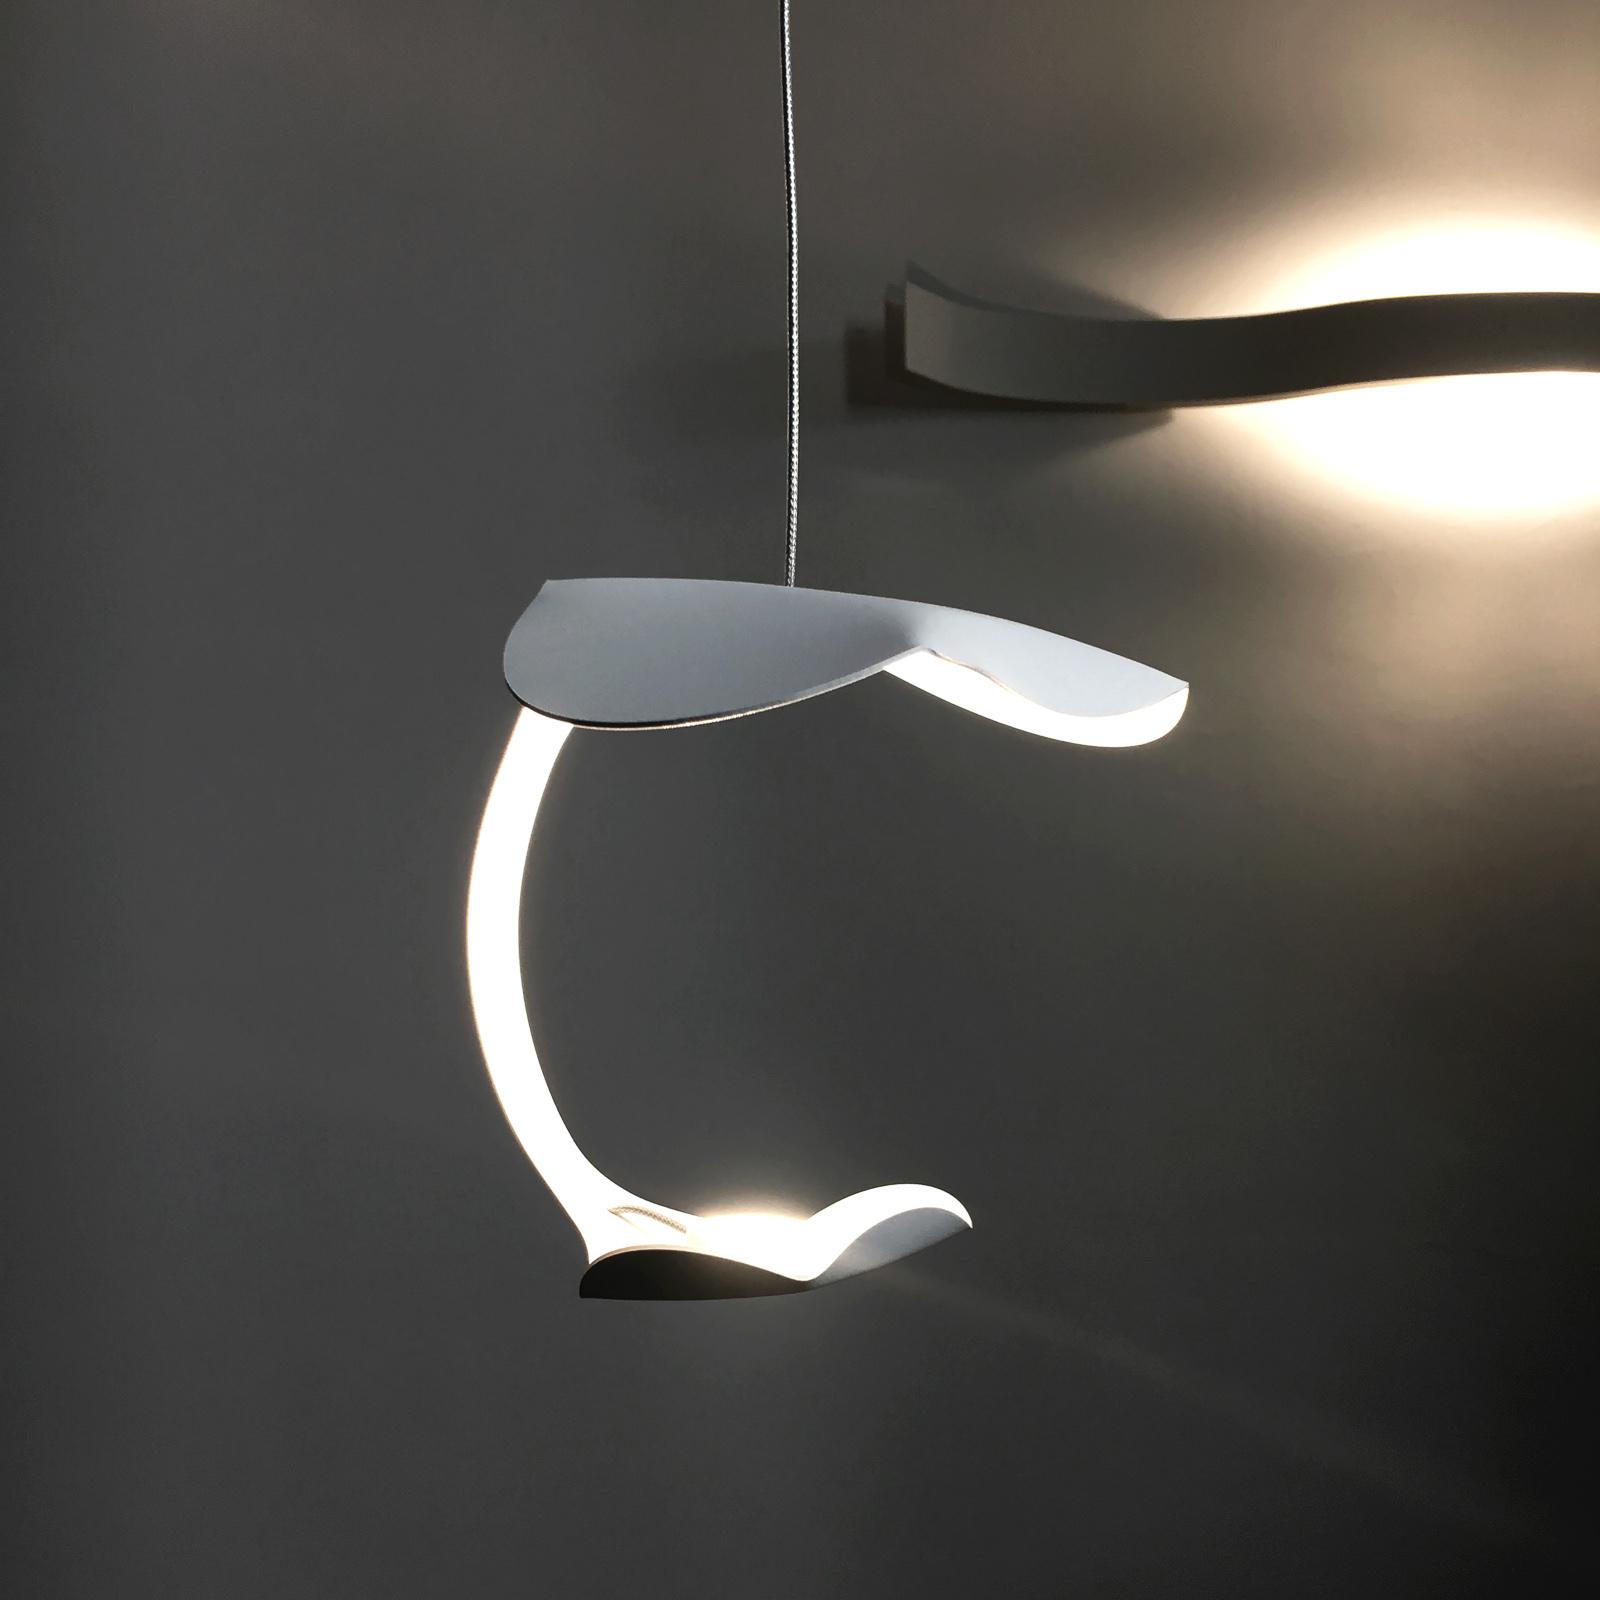 Knikerboker Le Gigine LED-Hängeleuchte 1fl weiß